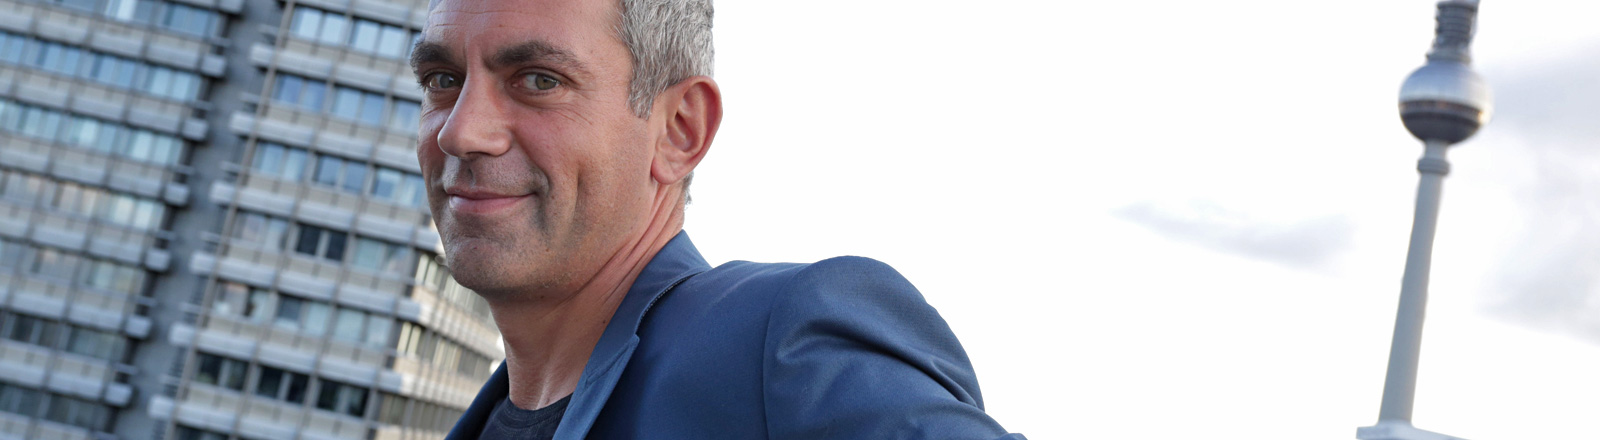 Wladimir Kaminer steht auf dem Dach des Hotels Indigo. Er blickt grinsend in die Kamera. Im Hintergrund sind ein Hochhaus und der Berliner Fernsehturm zu sehen; Bild: dpa